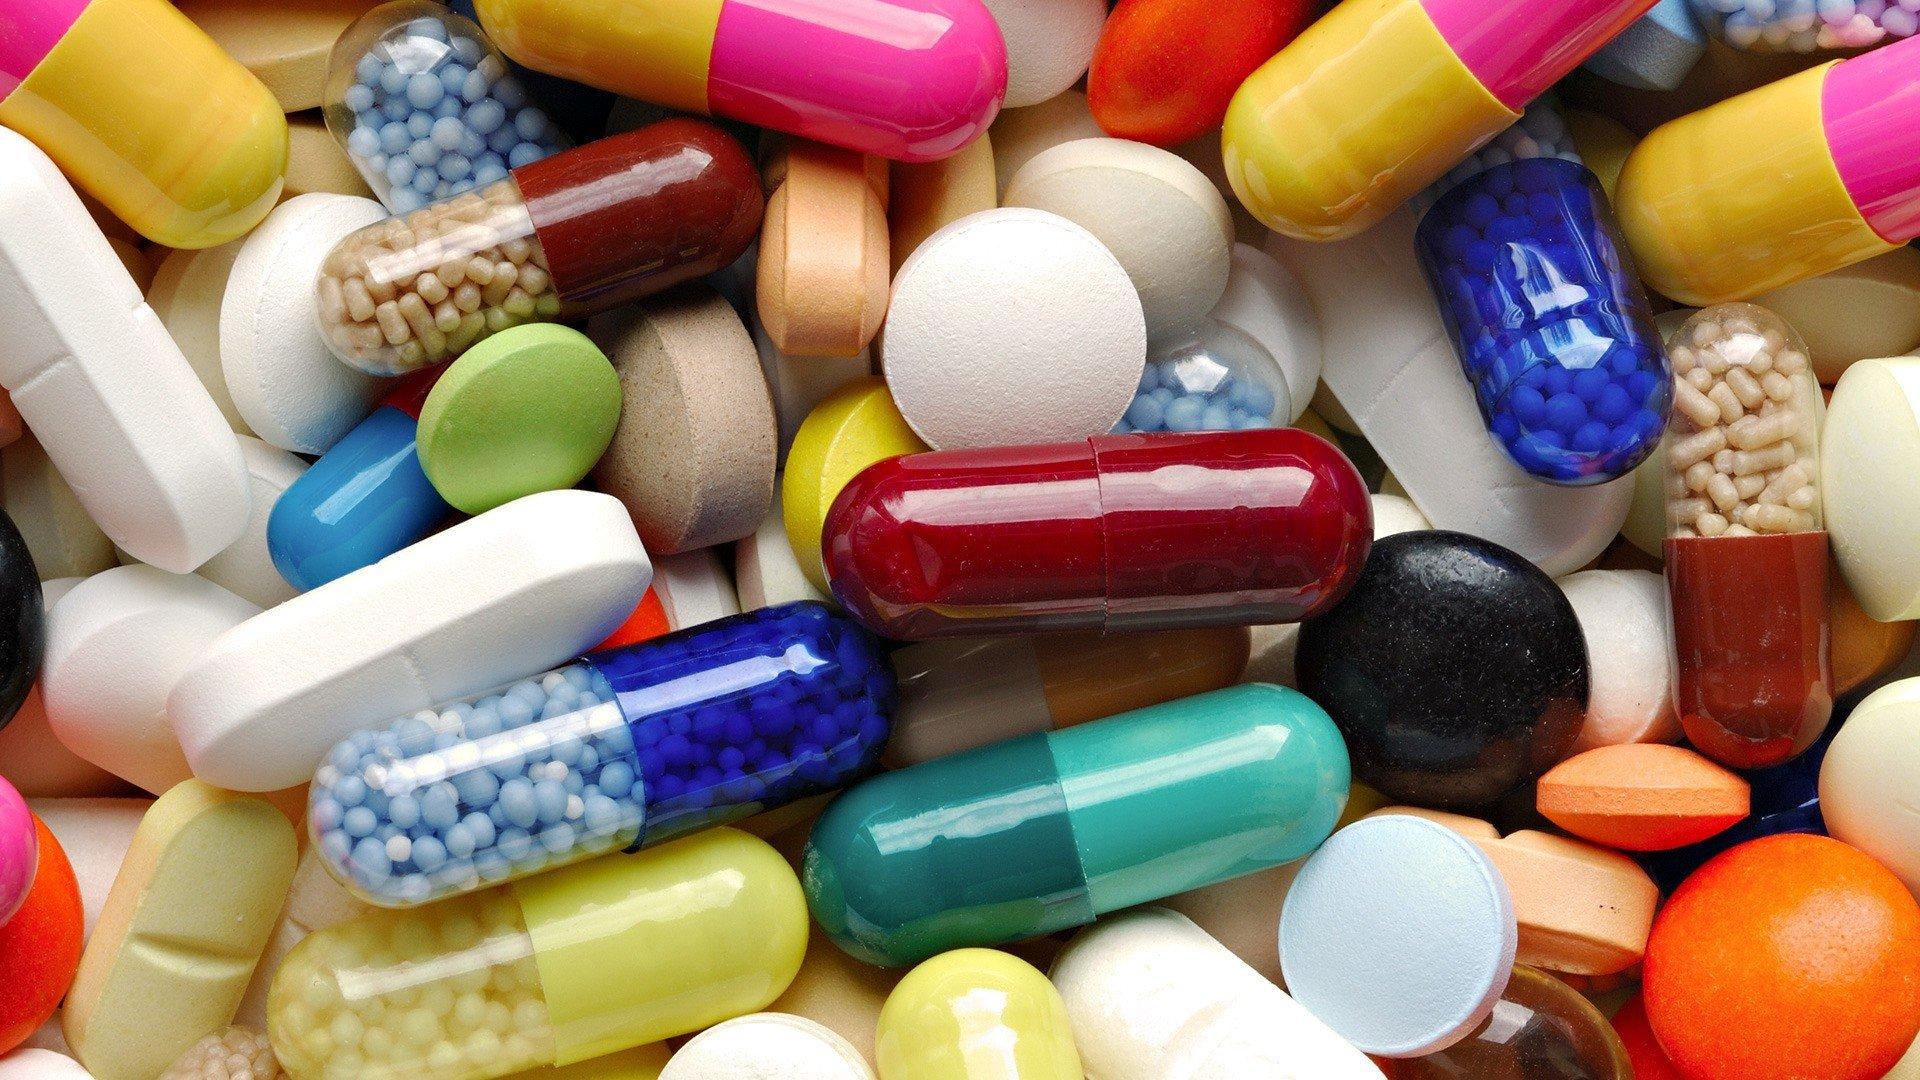 Papel De Parede 1920x1080 Px Playerunknowns: Papel De Parede : 1920x1080 Px, Farmacia, Pílulas